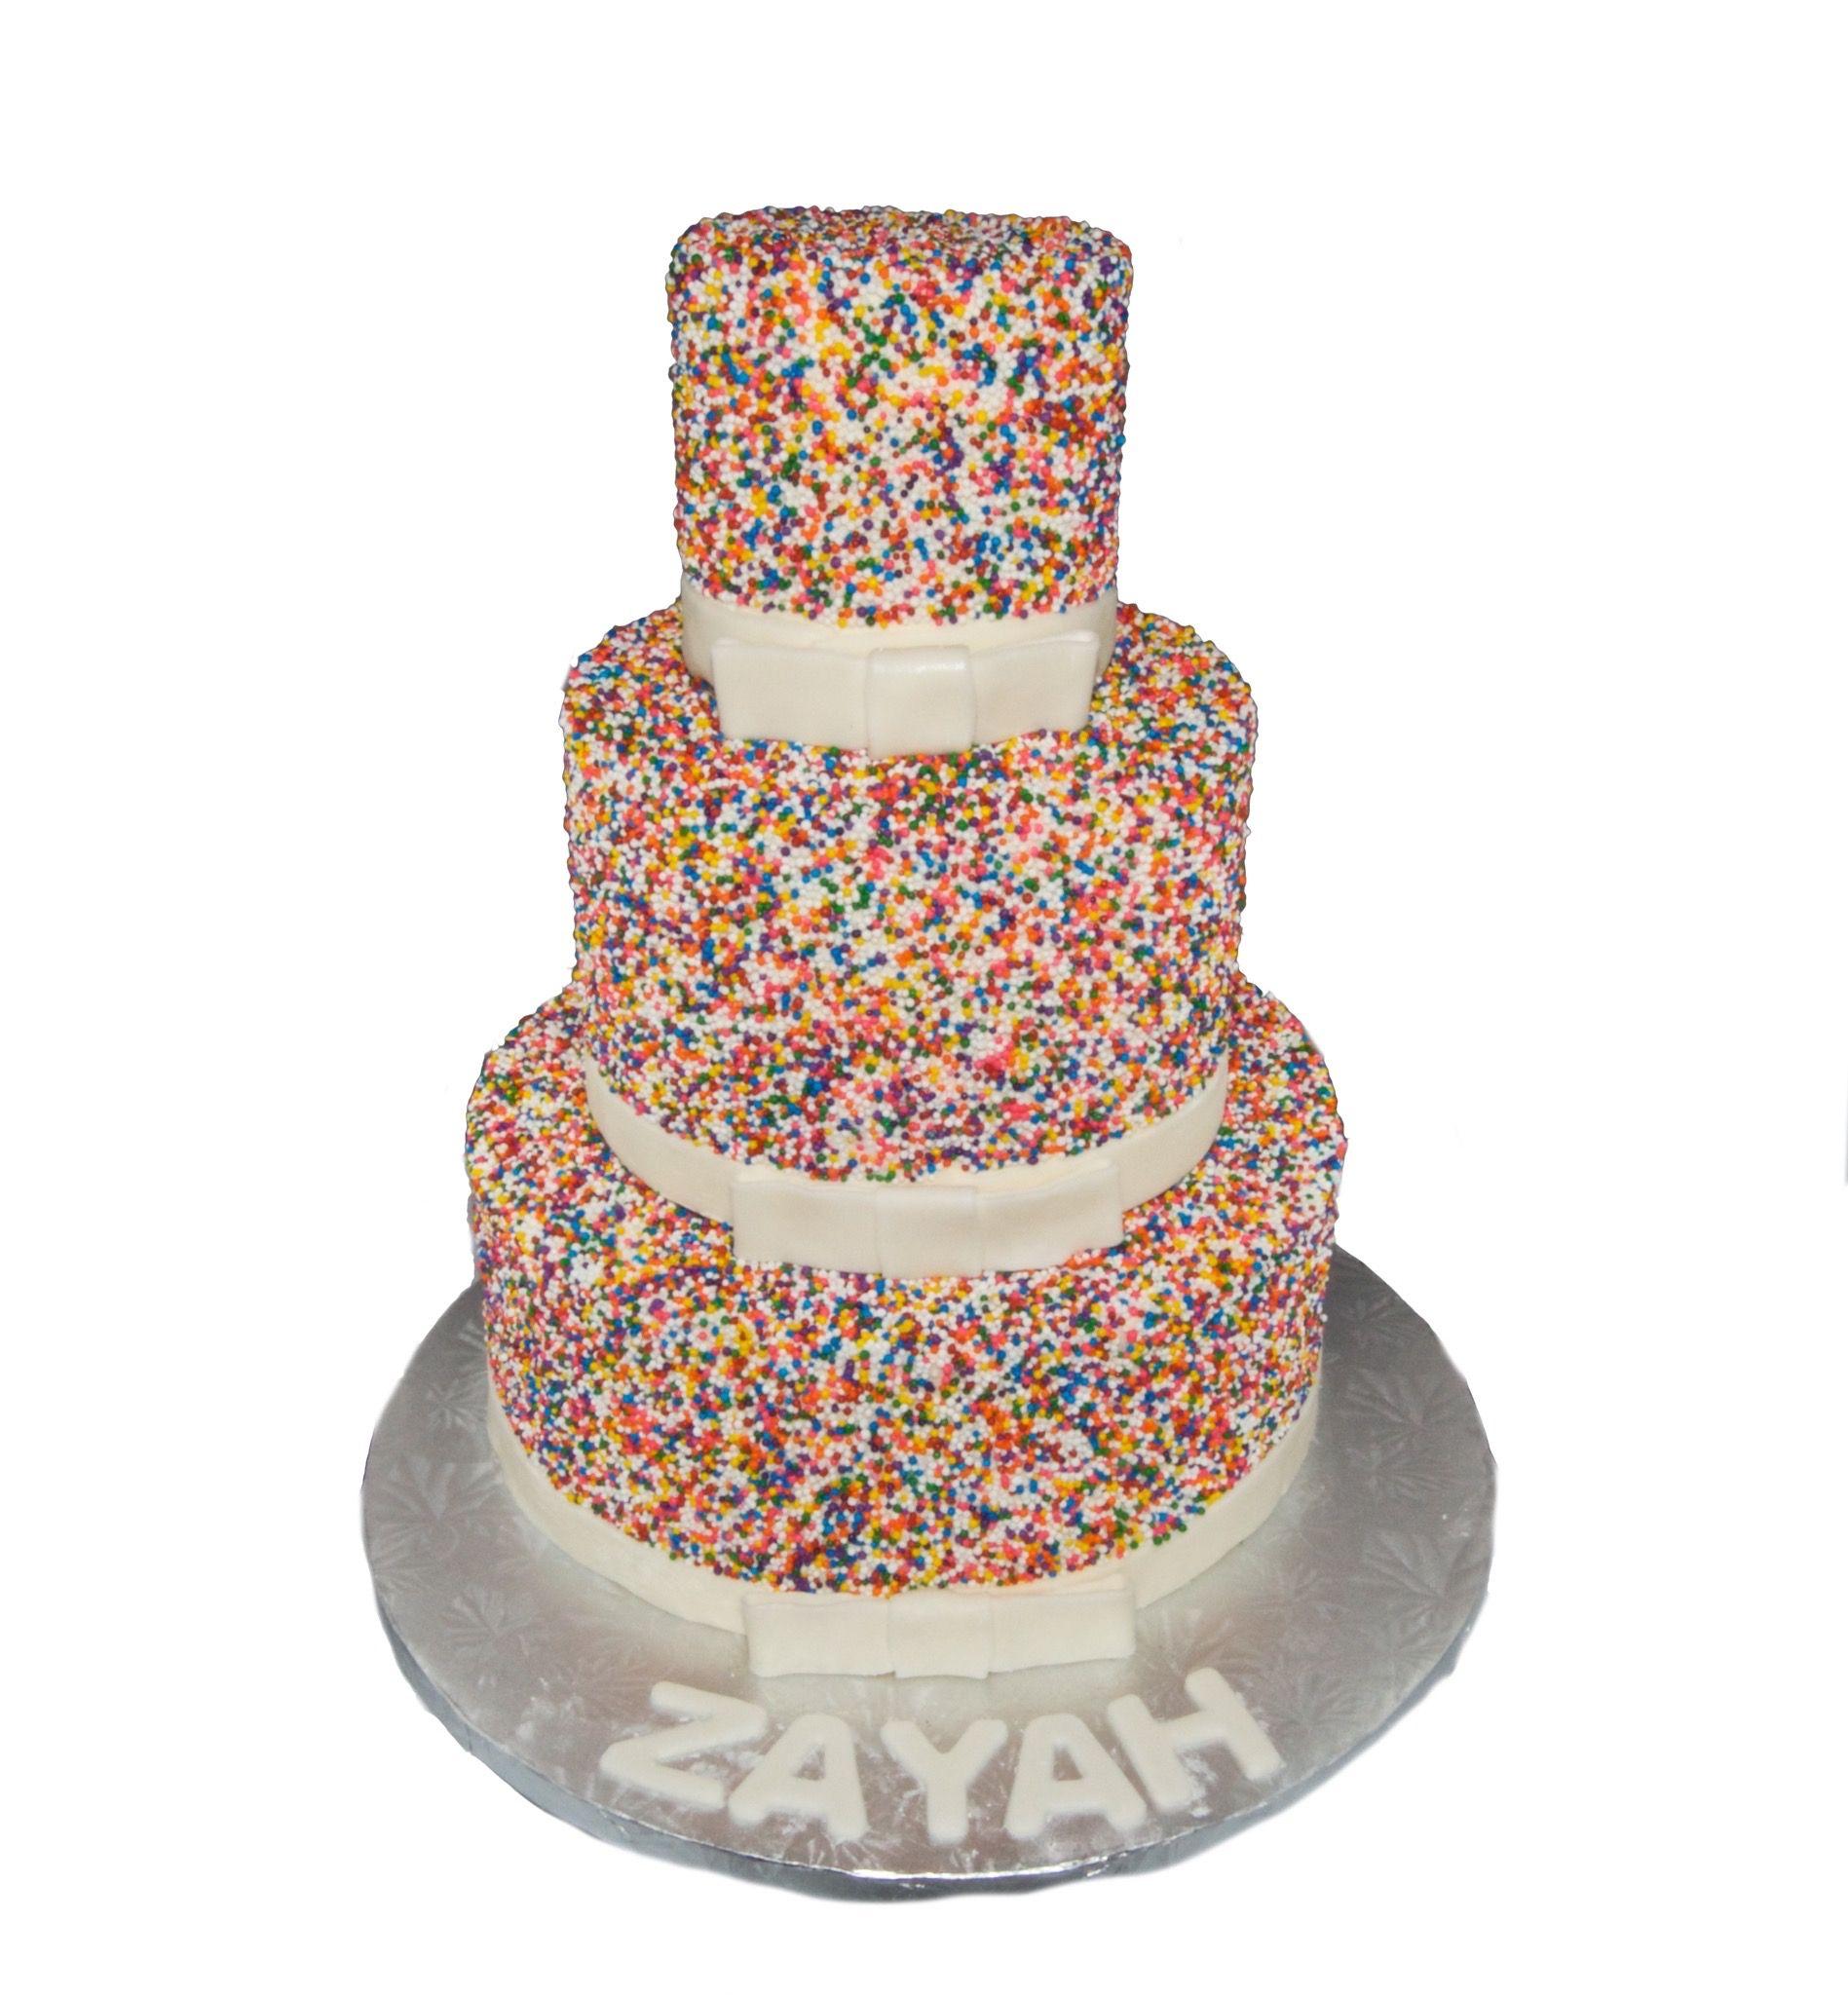 chocolate cake with rainbow sprinkles